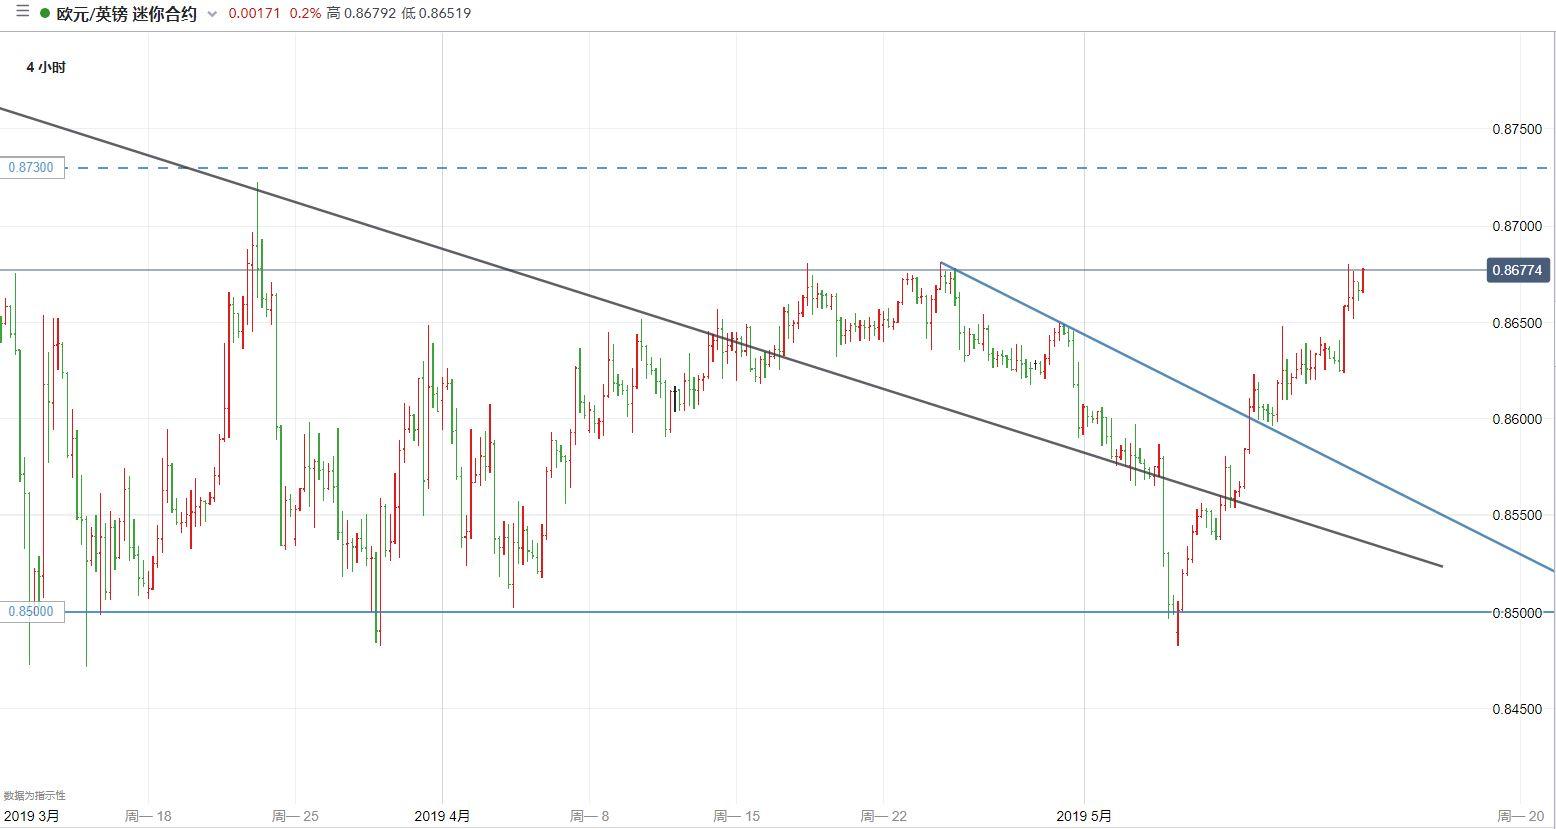 欧元/英镑技术分析:可能上测0.87-0.8730阻力区间